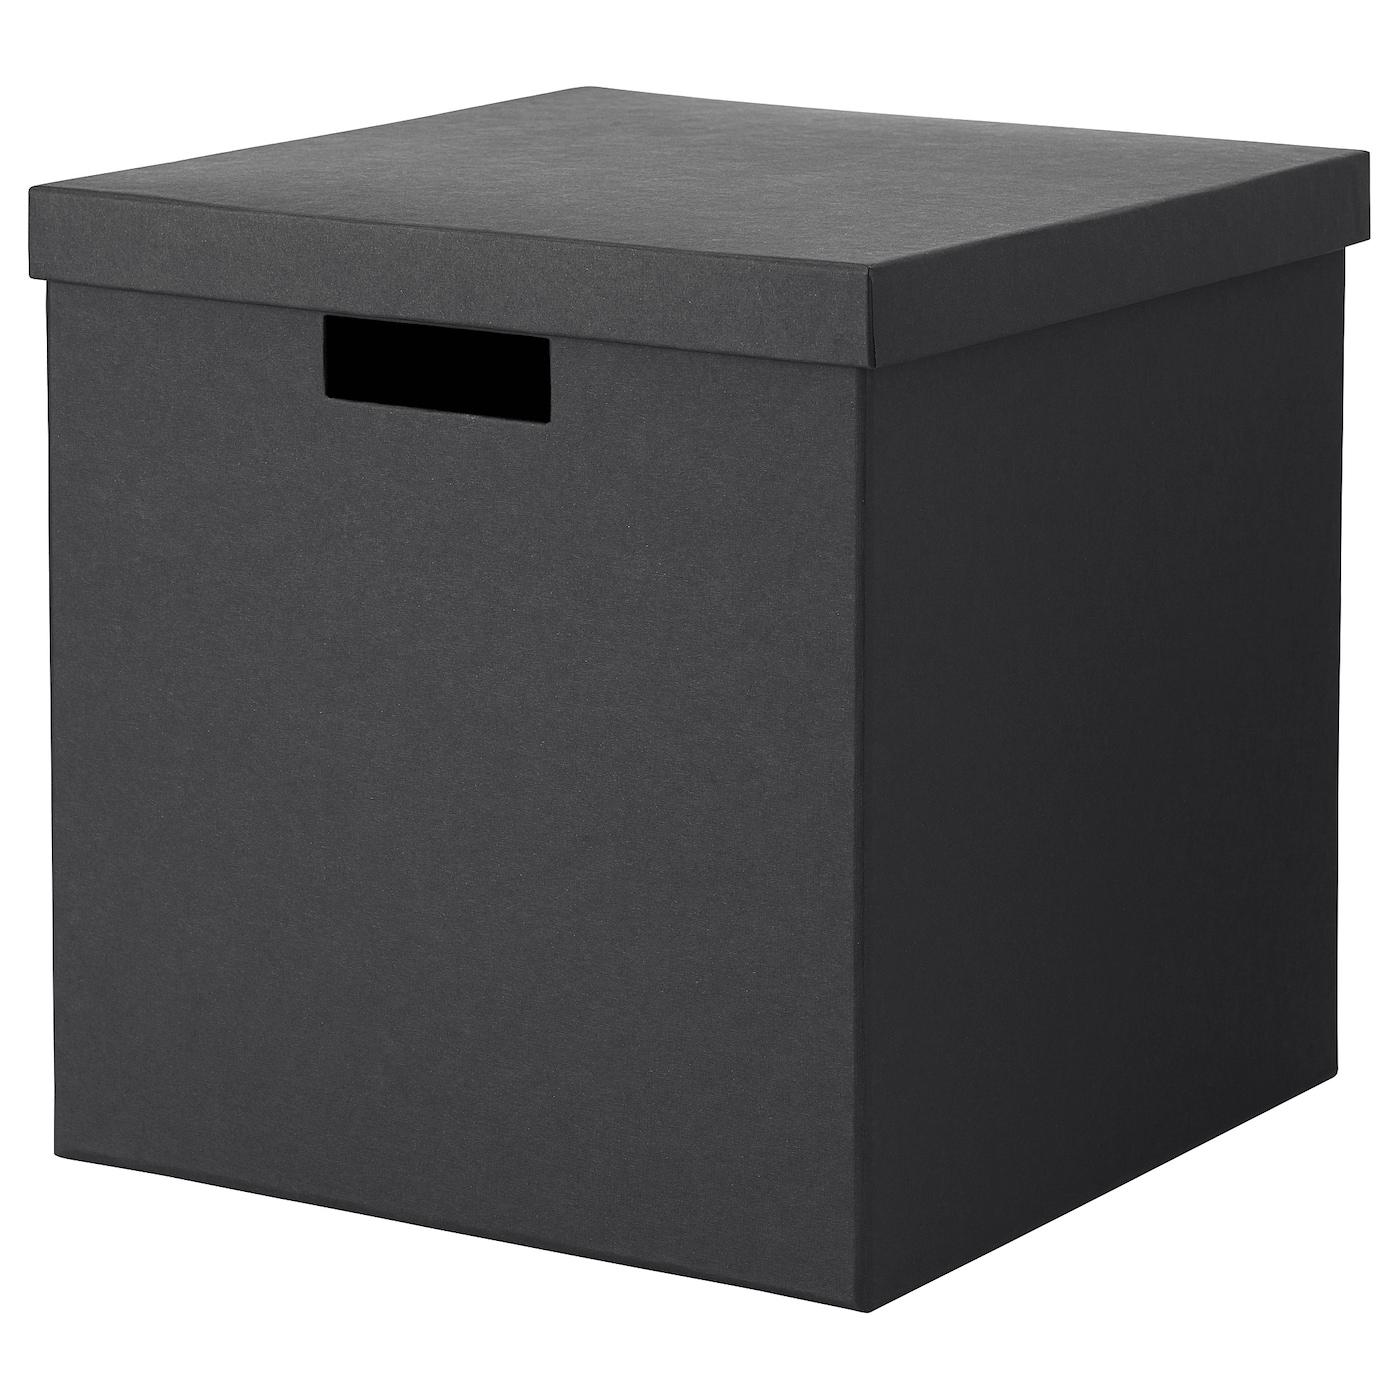 TJENA Boîte de rangement avec couvercle, noir, 30x30x30 cm - IKEA